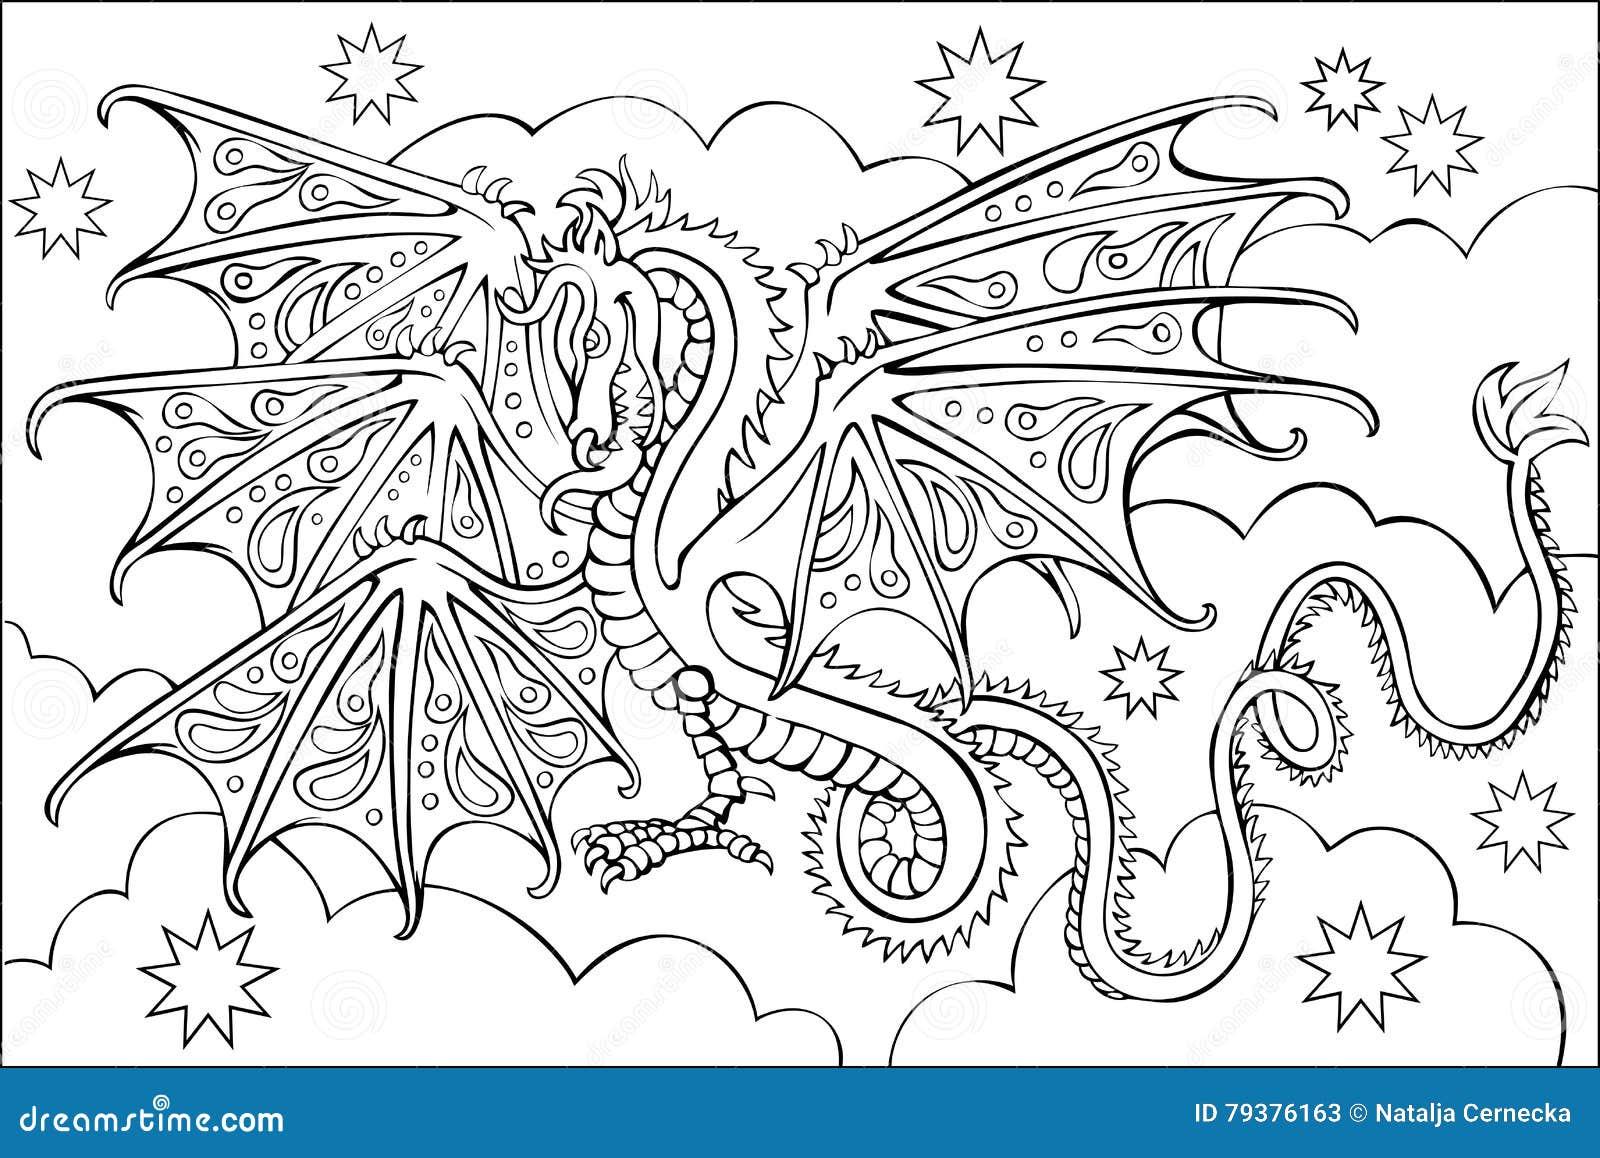 Pagina Com O Desenho Preto E Branco Do Dragao Para Colorir